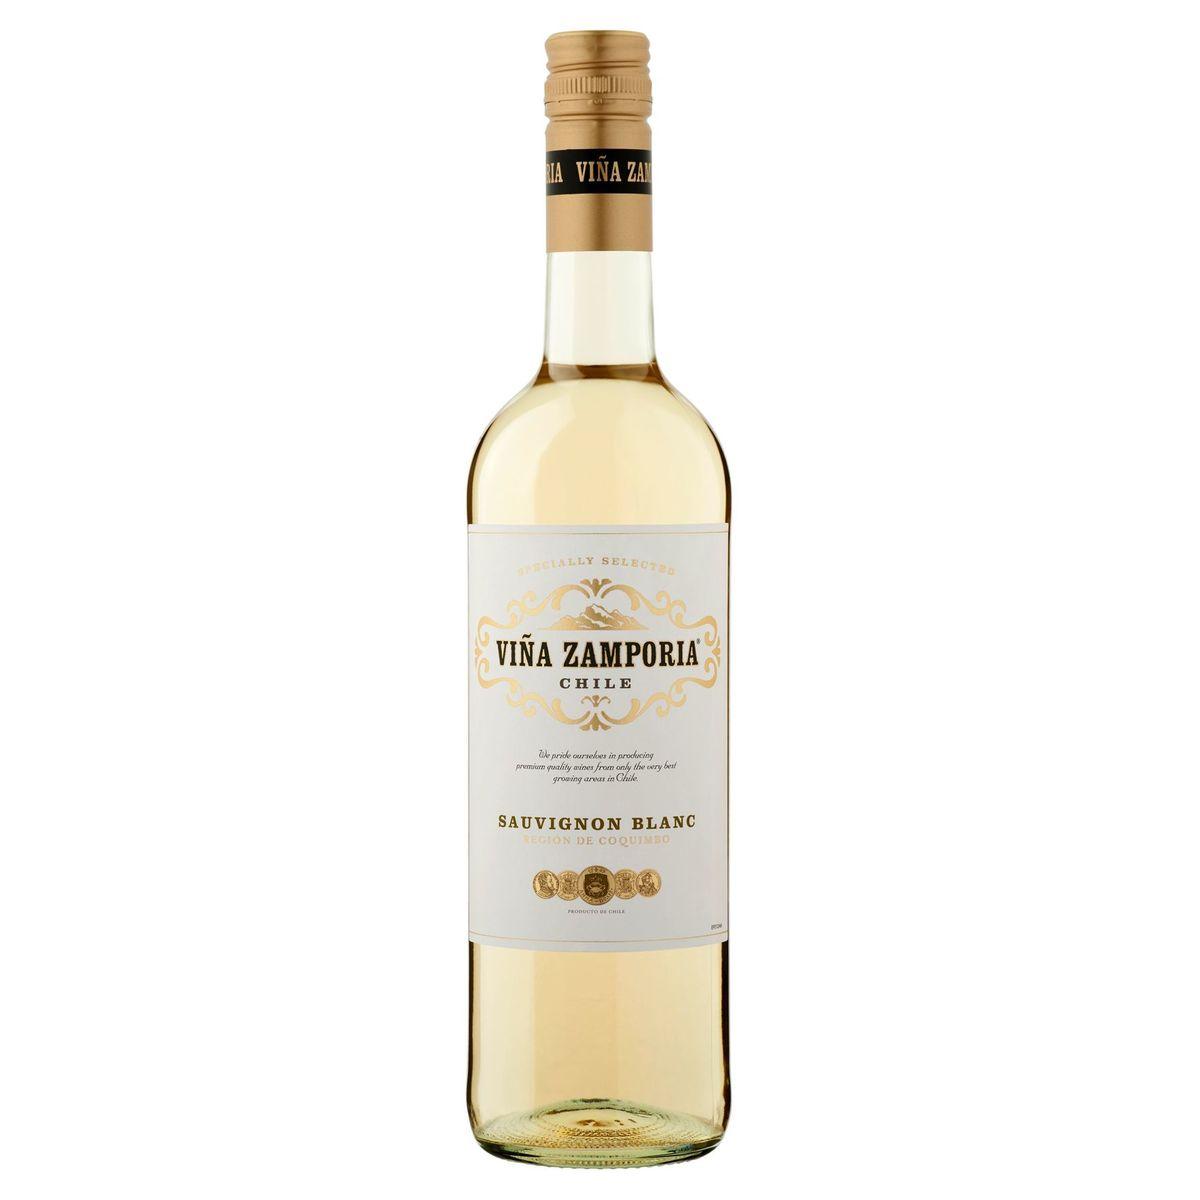 Viña Zamporia Sauvignon Blanc 75 cl